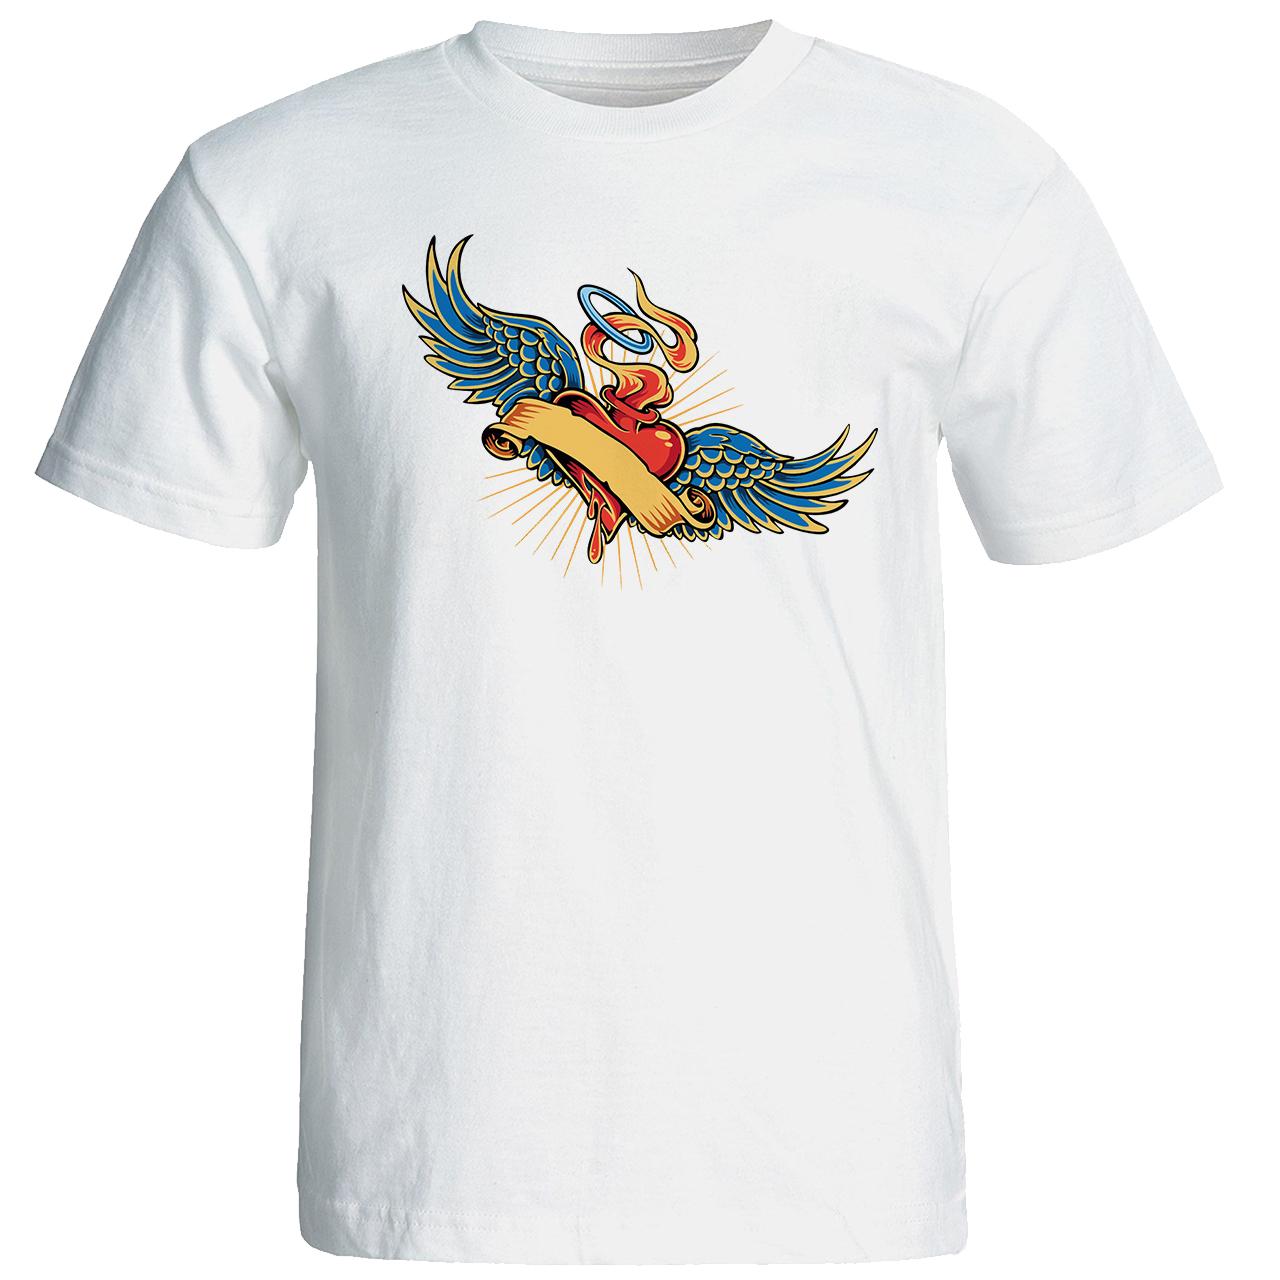 خرید تی شرت زنانه طرح قلب   کد 17142